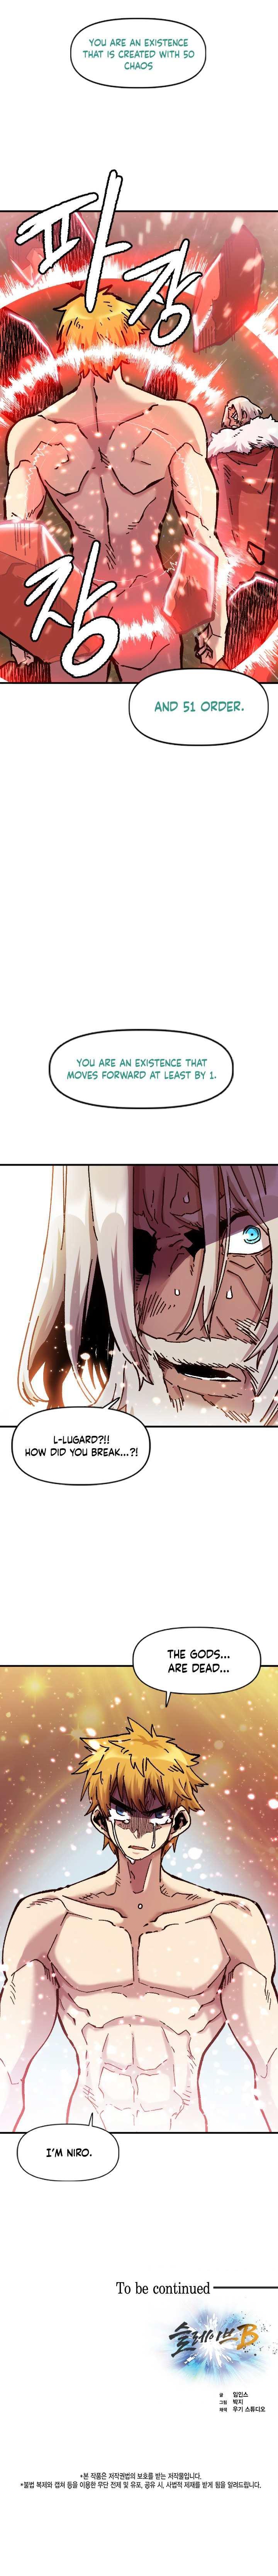 Slave B Chapter 79 page 25 - Mangakakalot